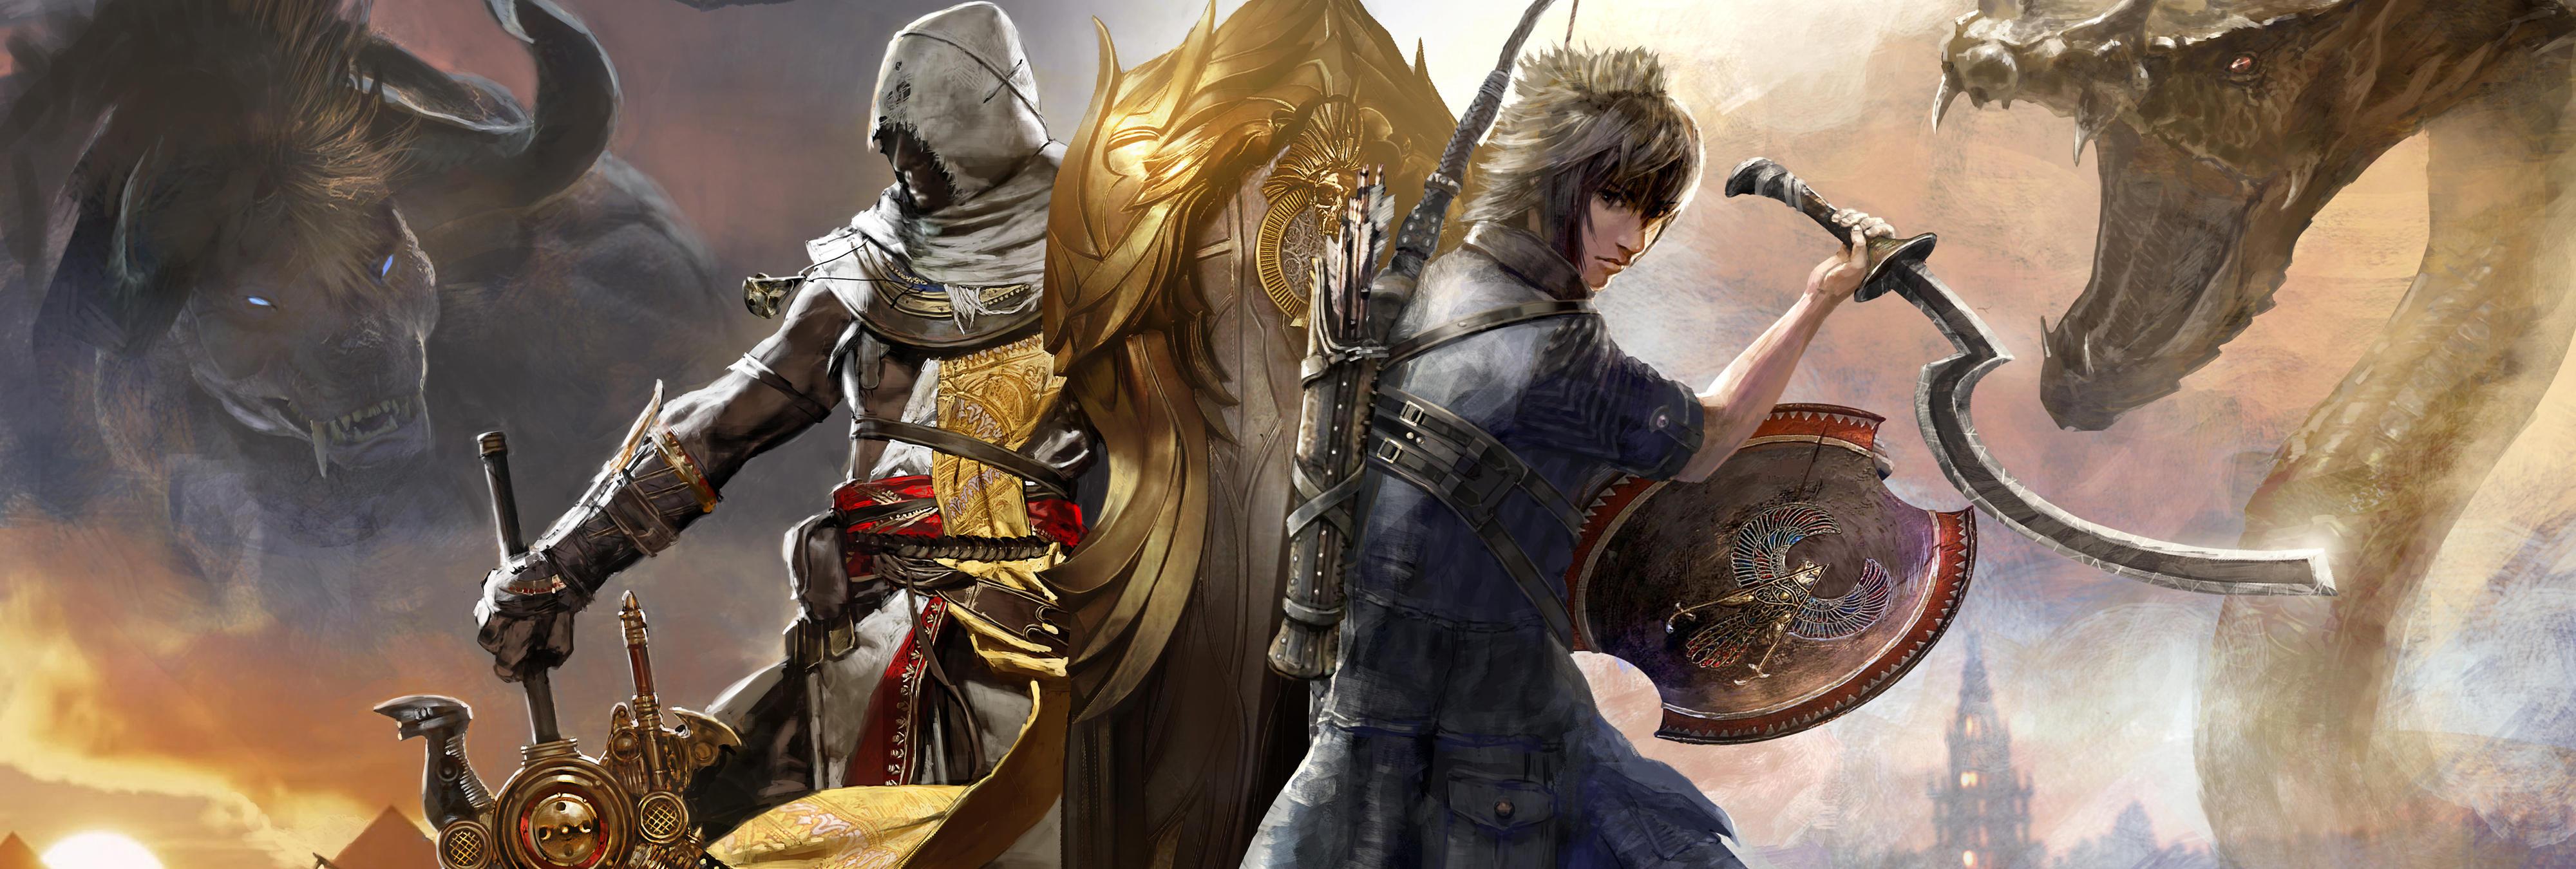 'Final Fantasy XV' y 'Assassin's Creed' se unen en una histórica colaboración